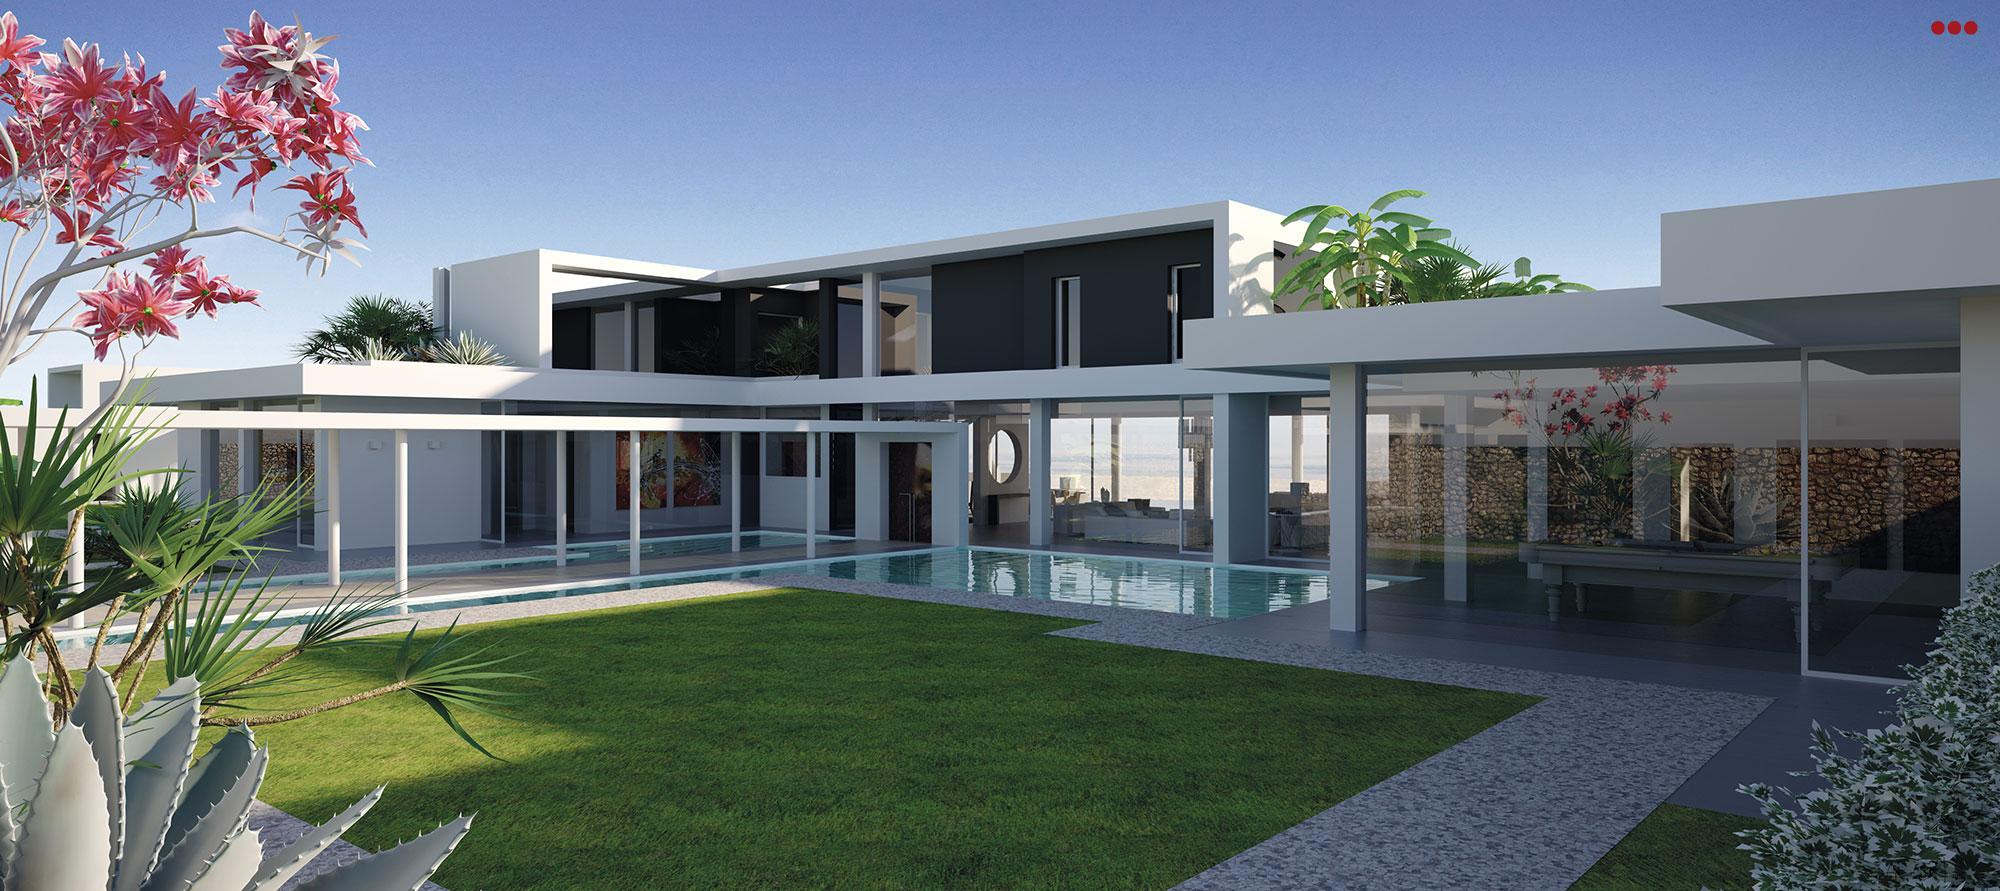 3D Studio Bartolini Villa Pemba progettazione rendering architettura grafica 4